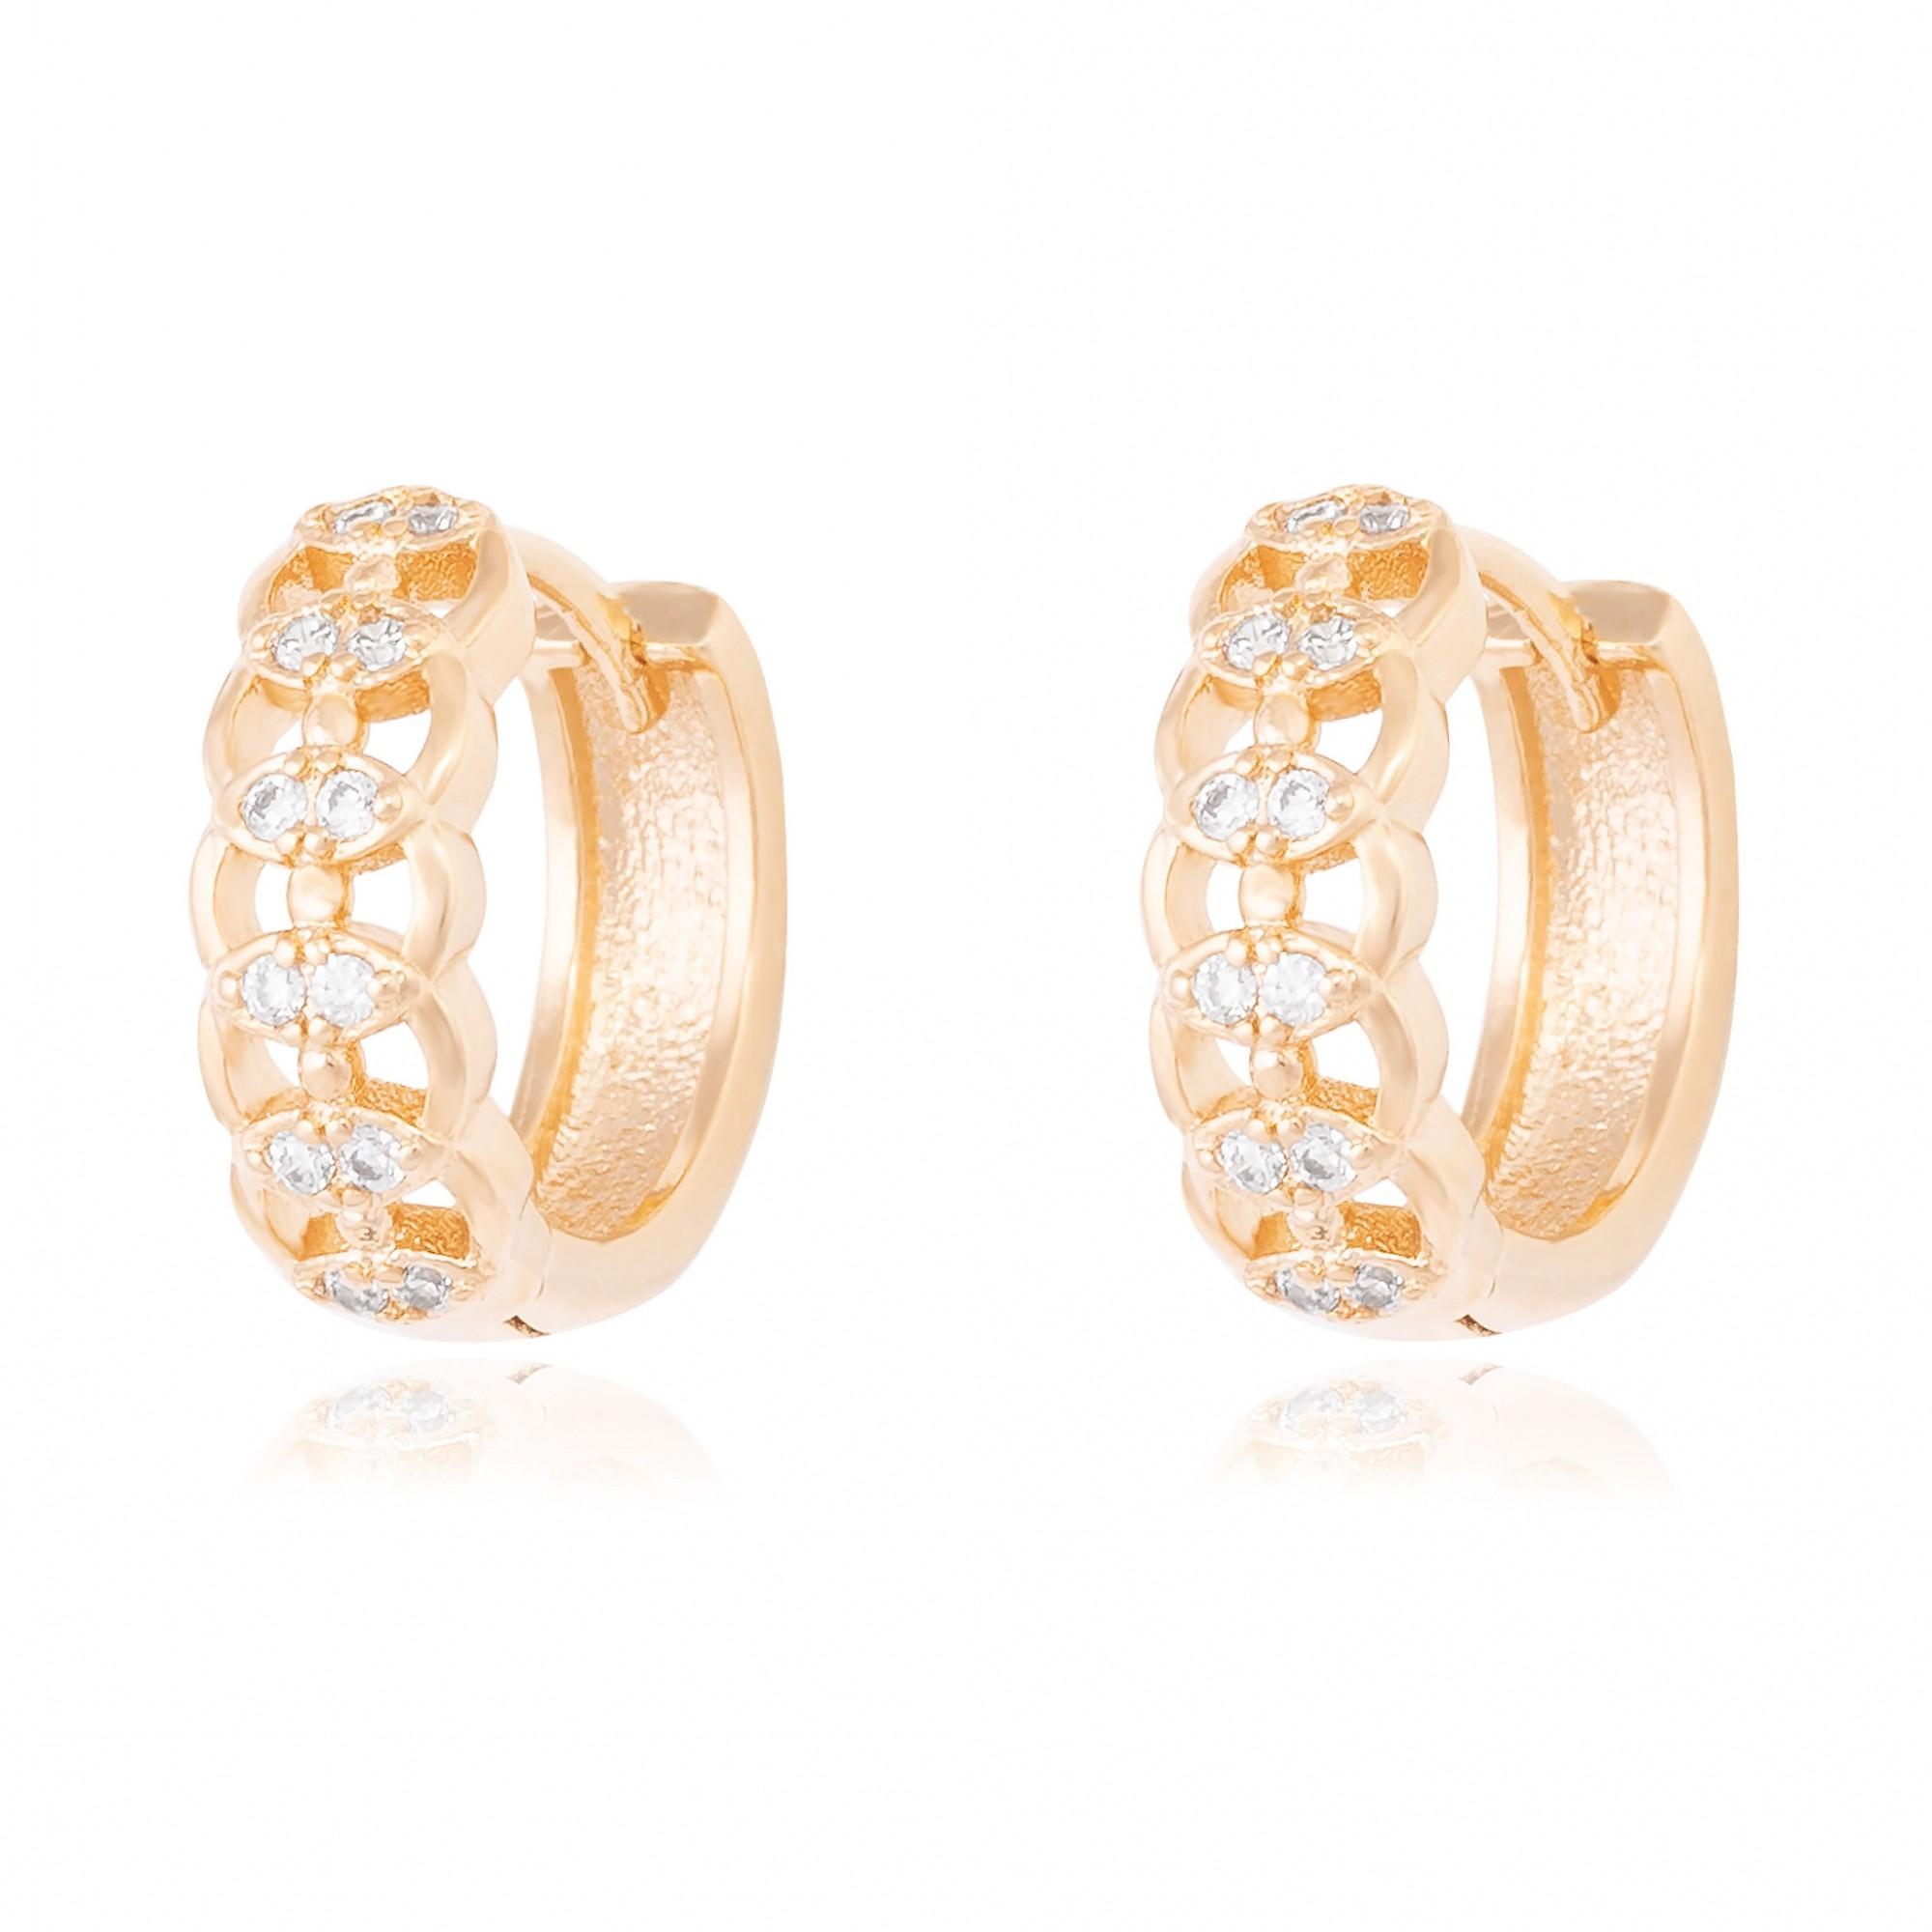 Argola de clique 1,5 cm desenhada com zircônias cristais banhada a ouro 18k.  - romabrazil.com.br